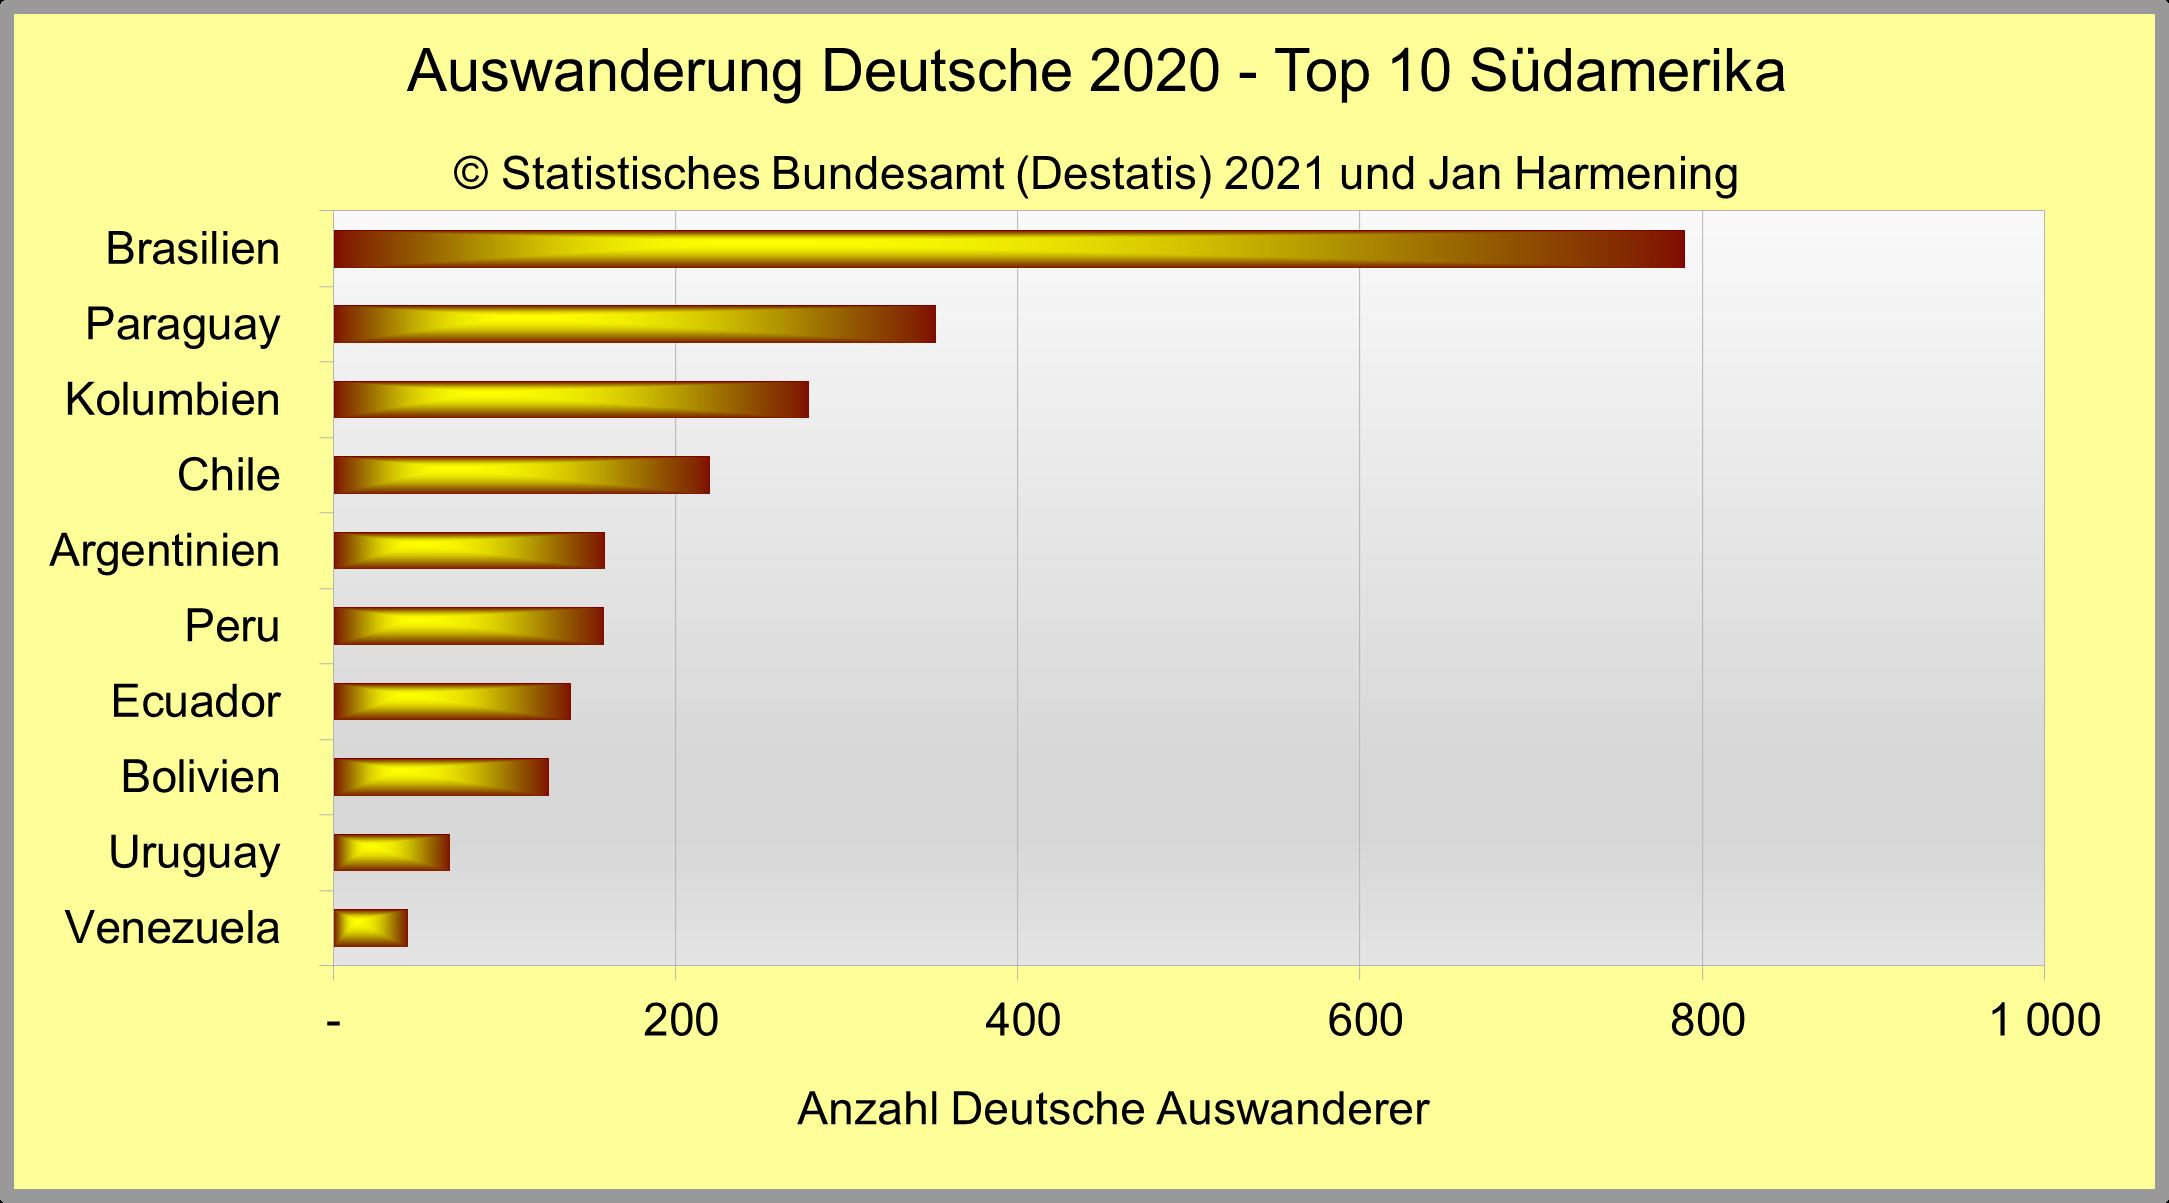 Auswanderung Deutsche 2020 - Top 10 Südamerika